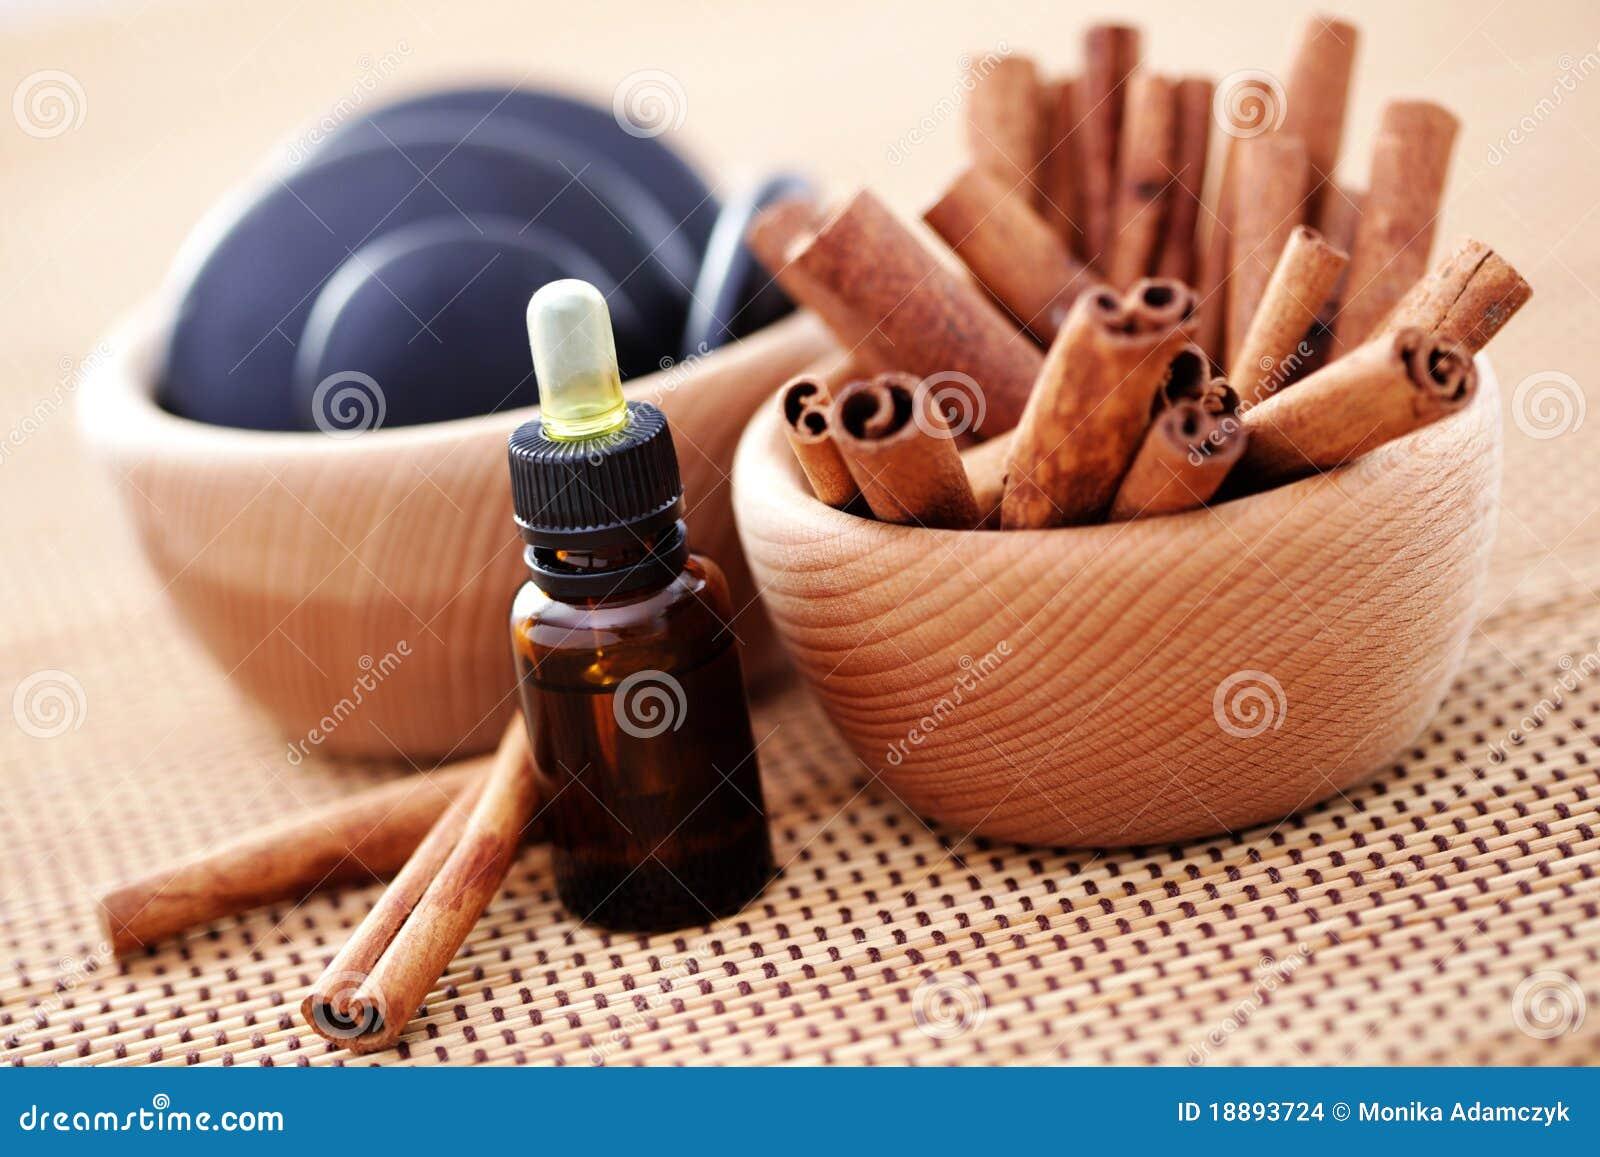 Cinnamon aromatherapy